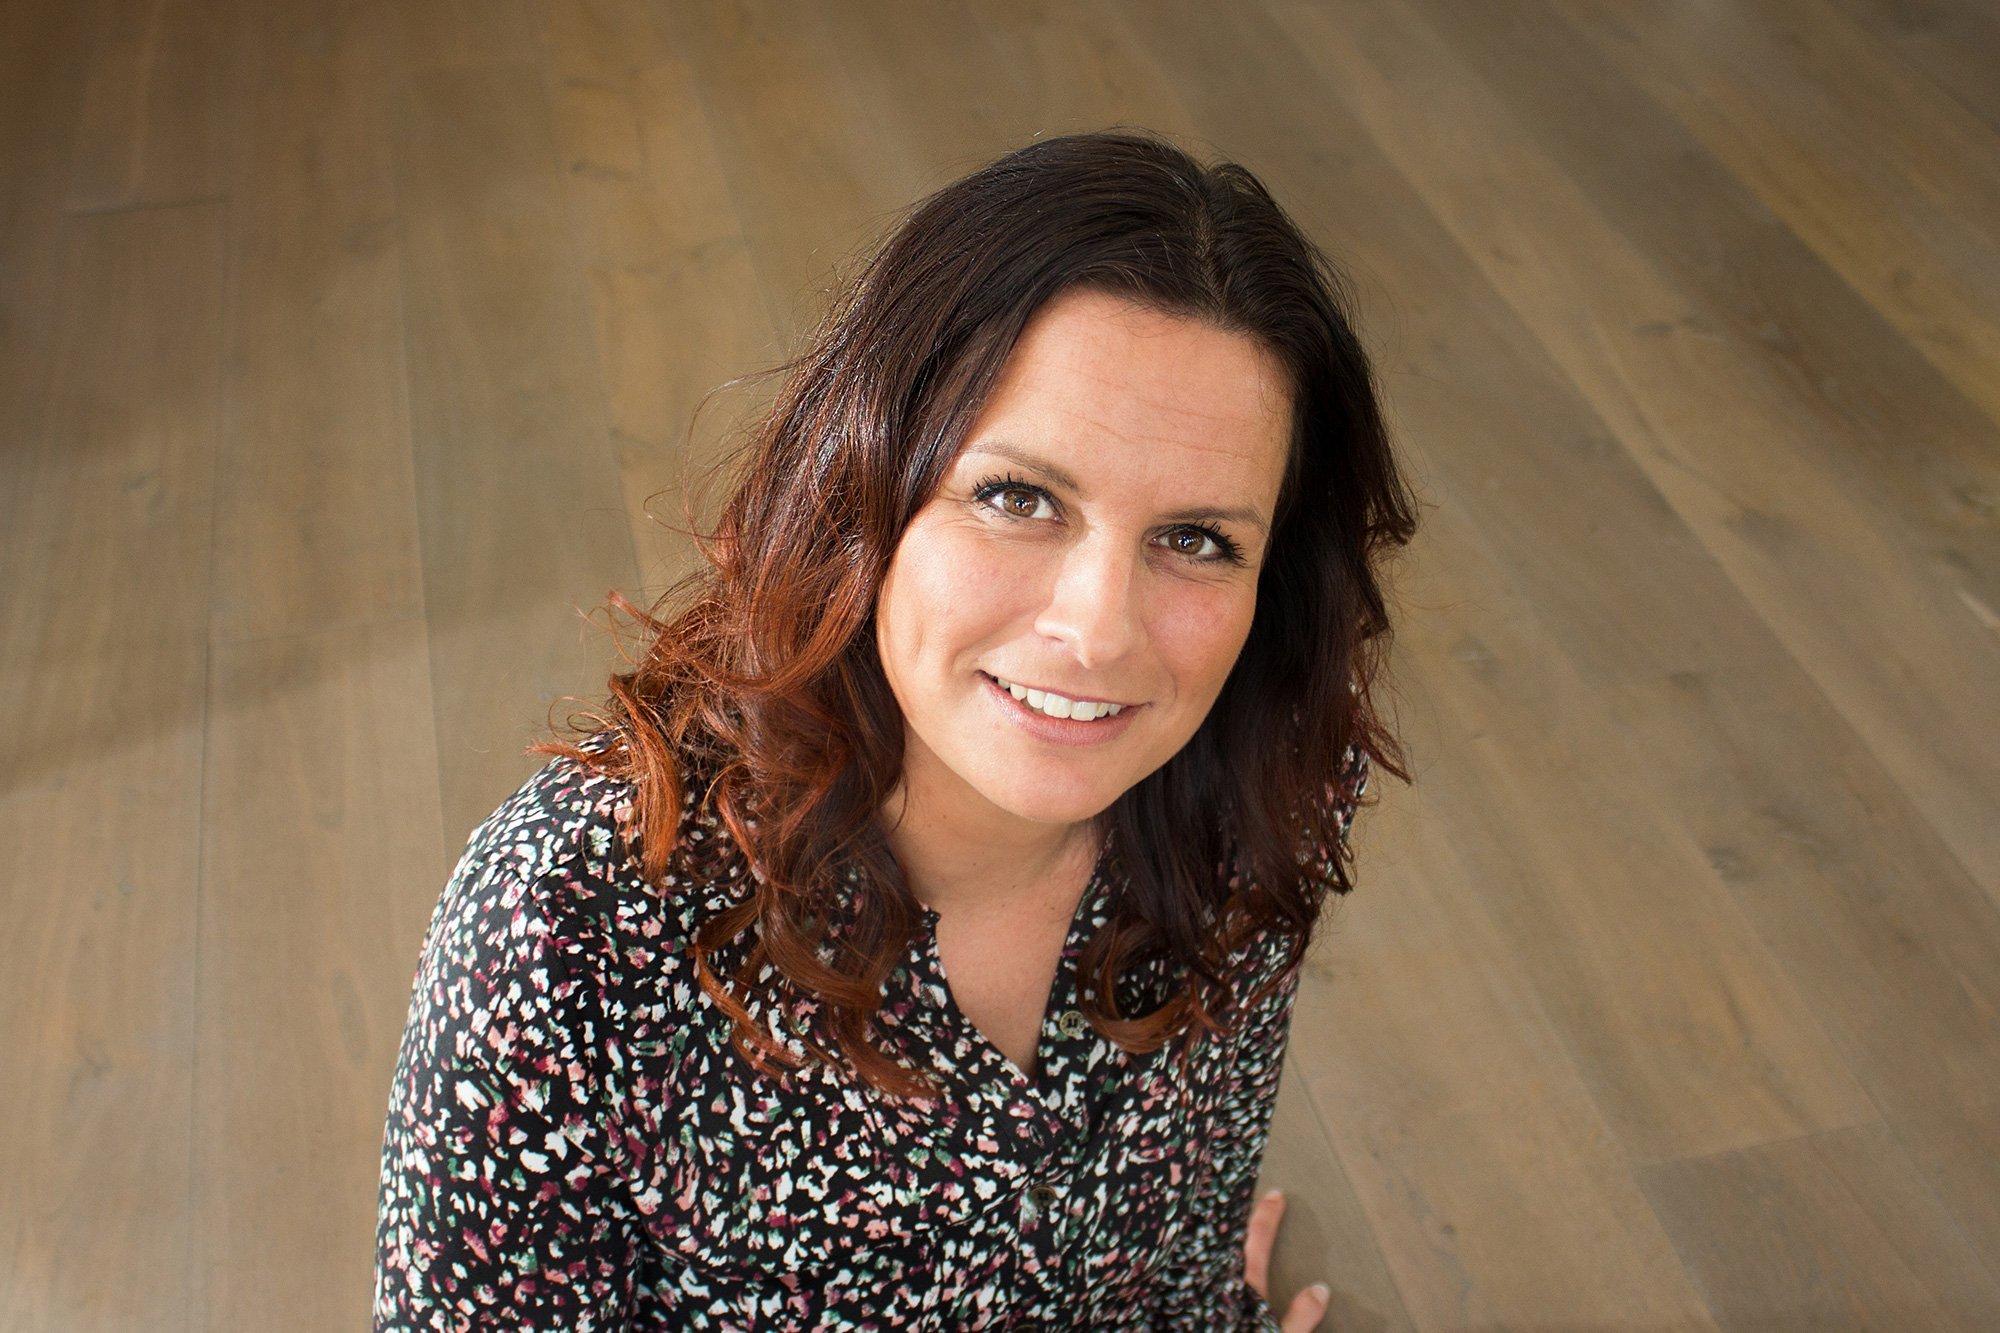 profile image lady